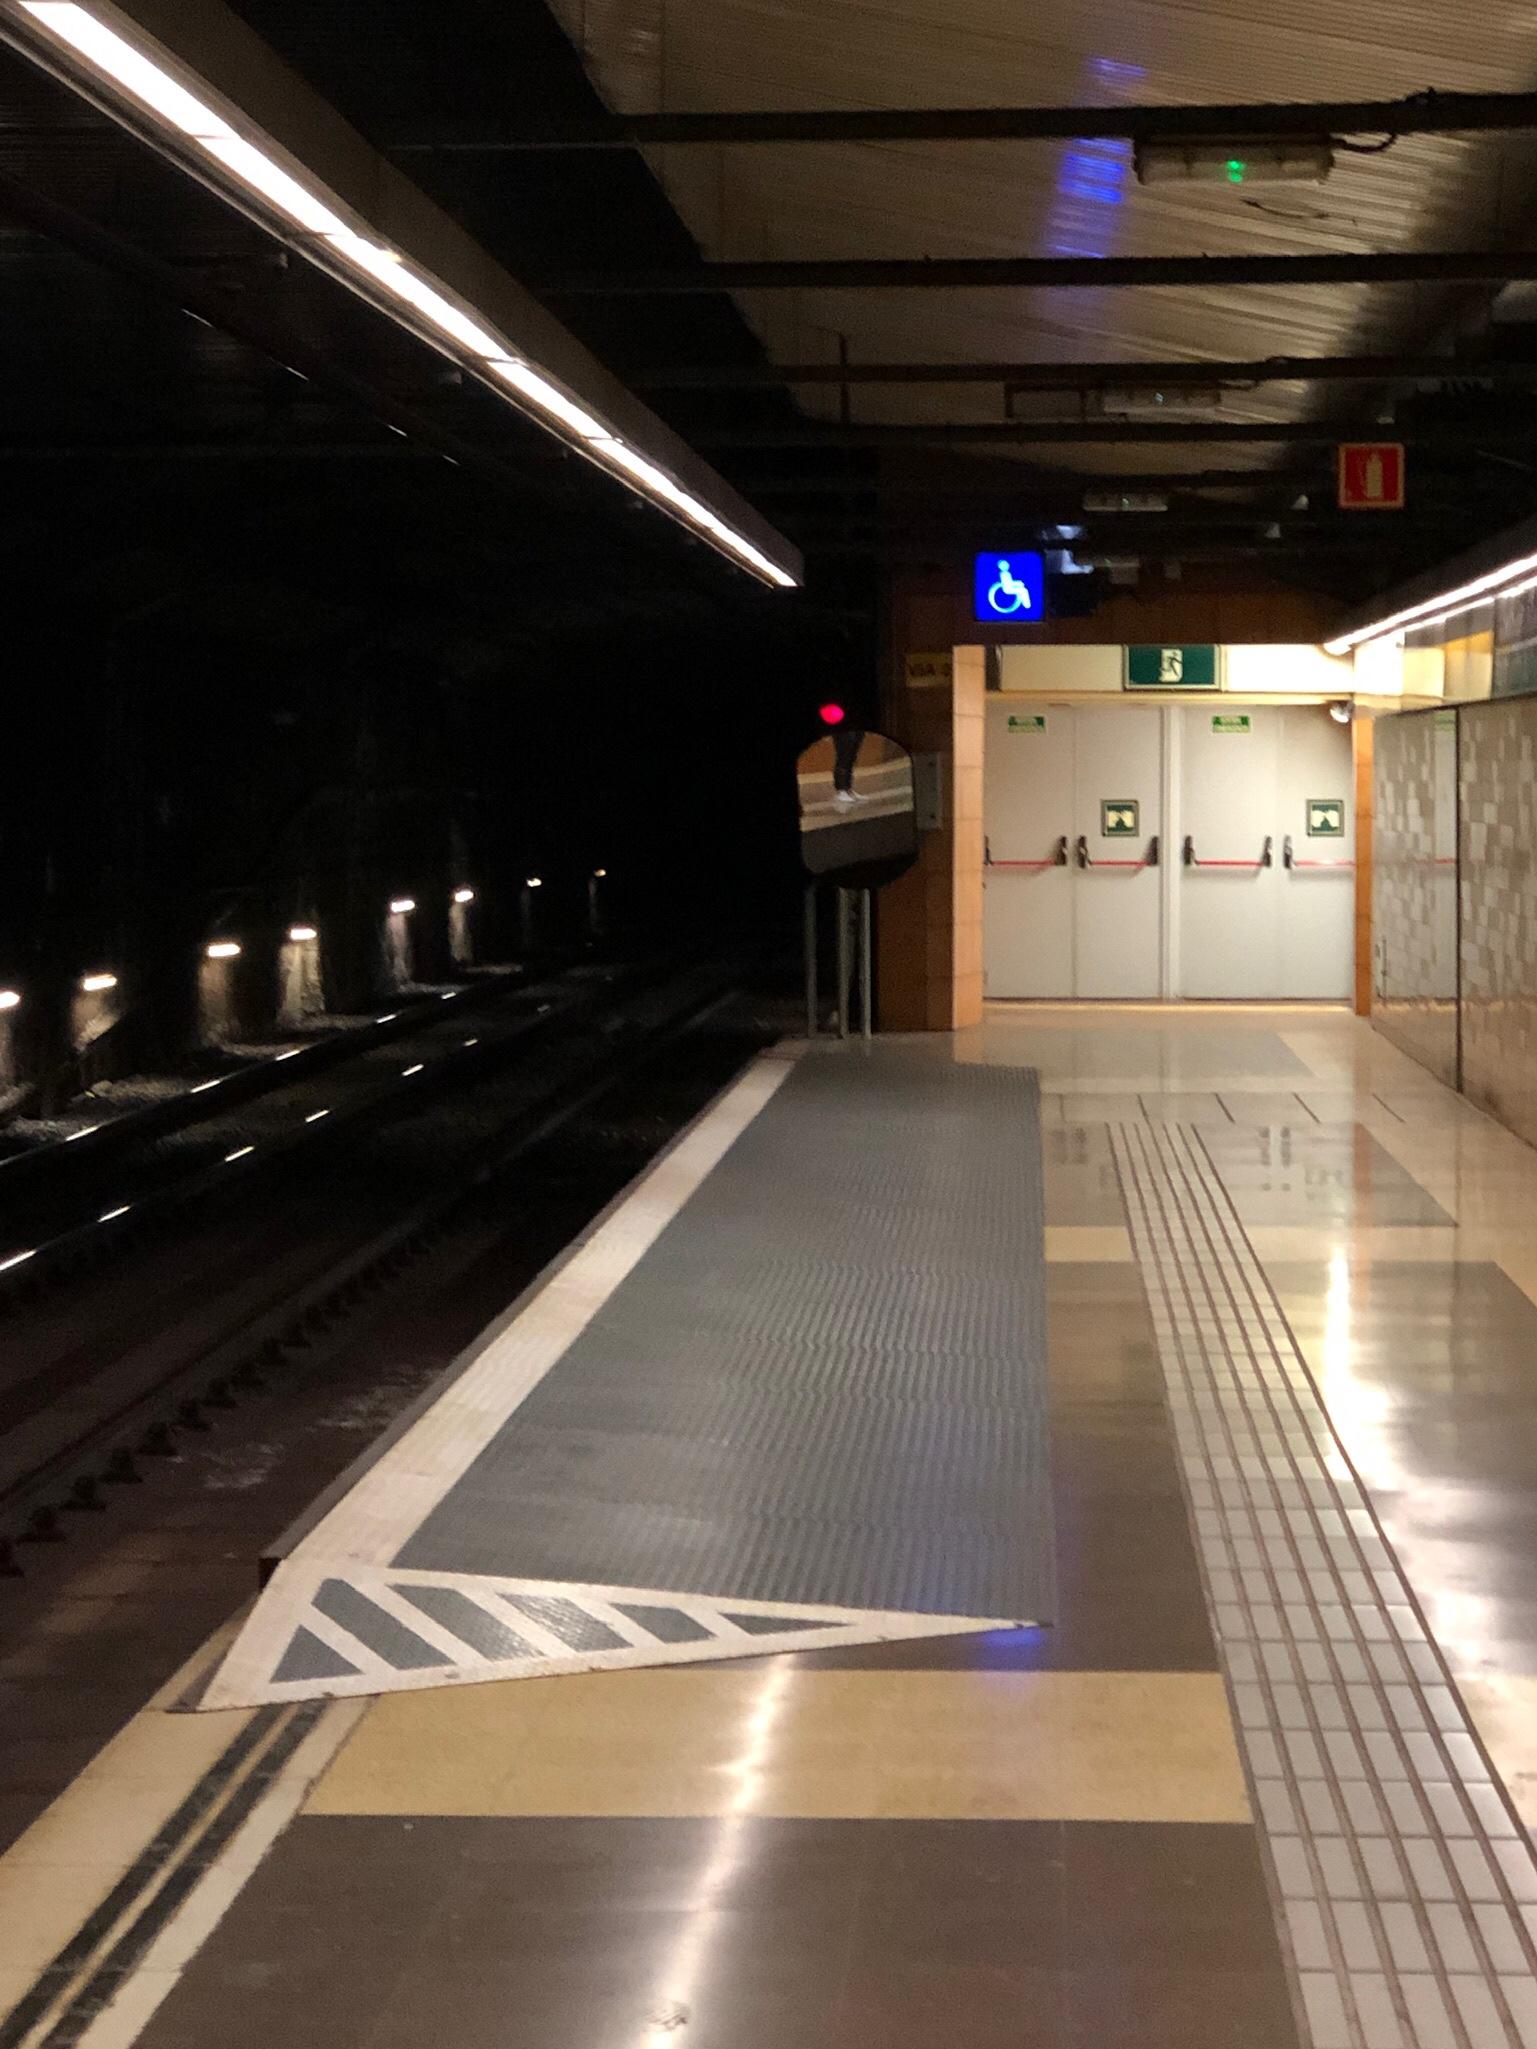 Erhöhung an Bahnsteig der Metro Barcelona